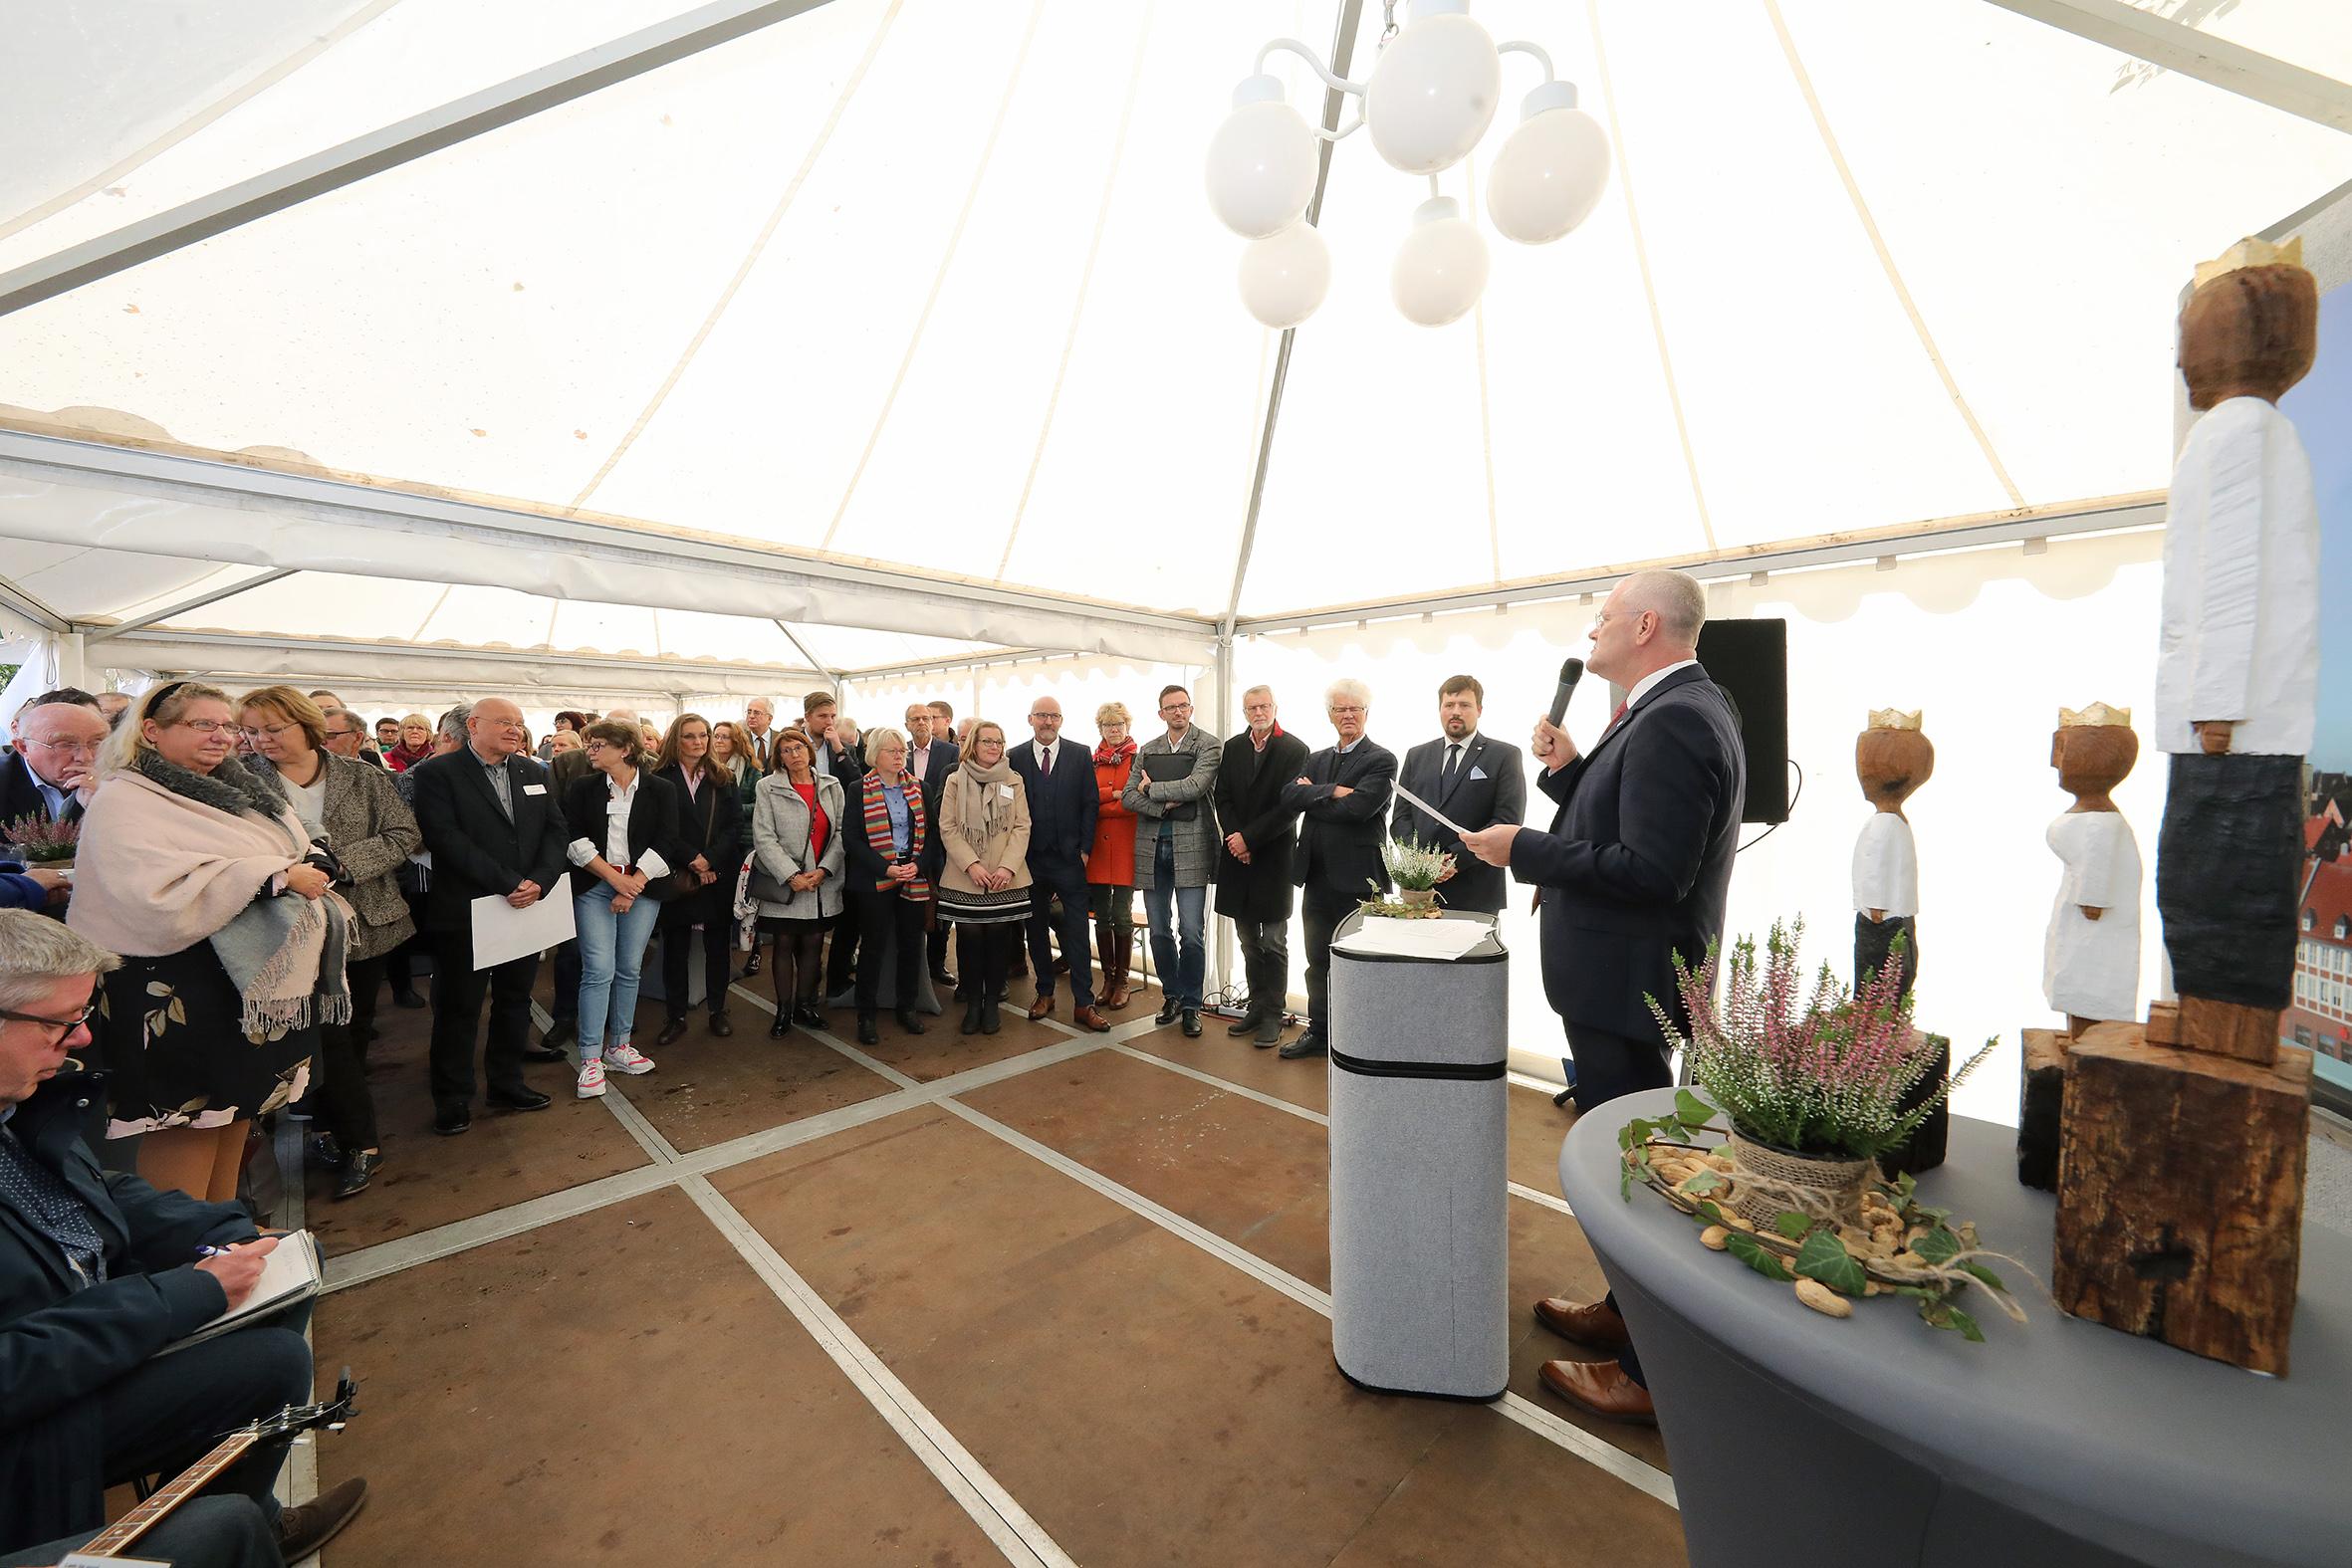 Großer Andrang zur Eröffnung des Hospizes Stiftung Isensee in Emden.